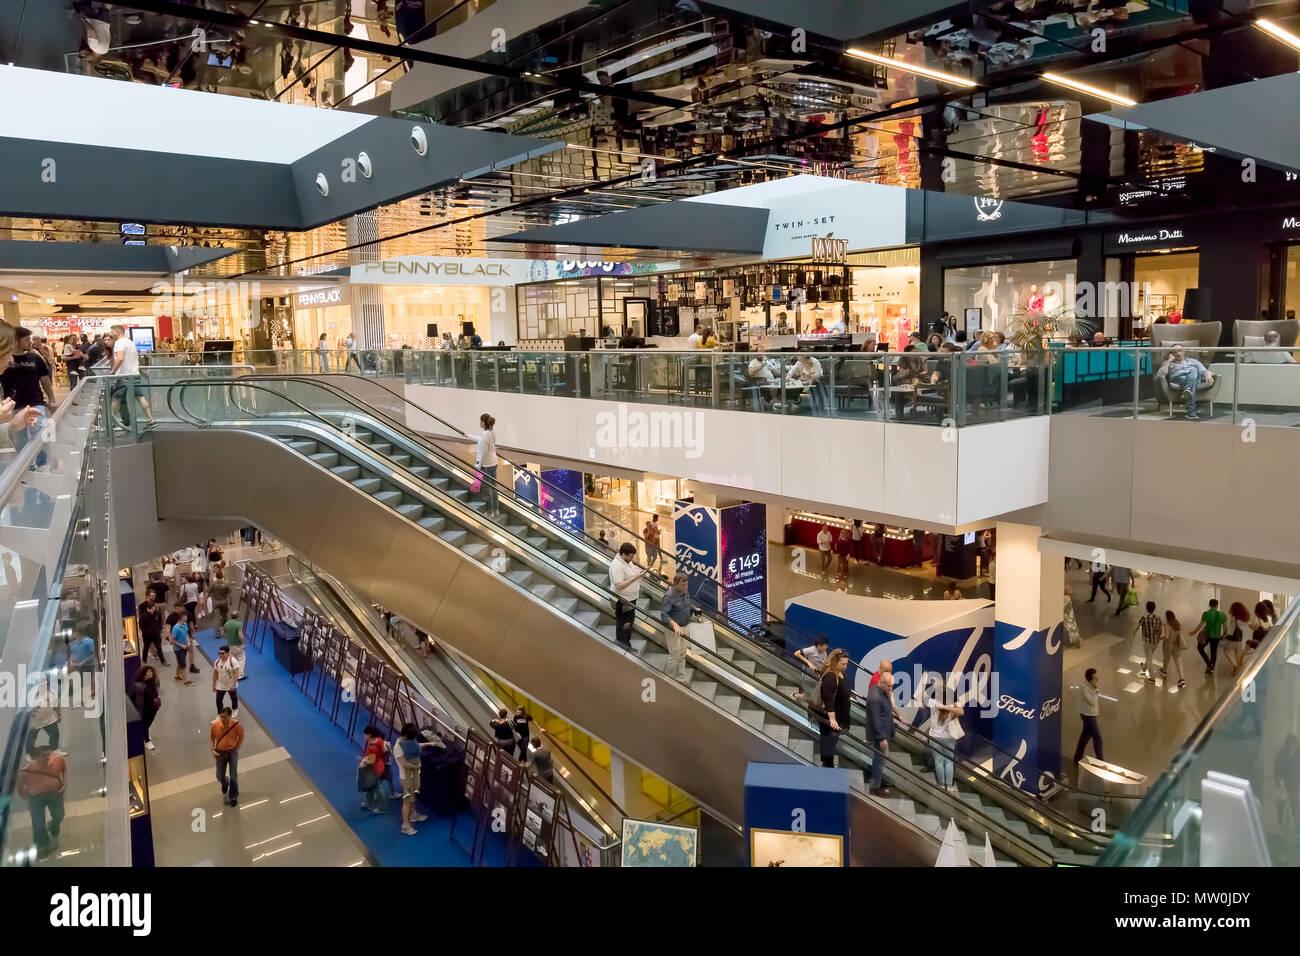 Roma italia 25 maggio 2018 persone andare a fare shopping all 39 interno del 39 porta di roma - Ikea roma porta di roma roma ...